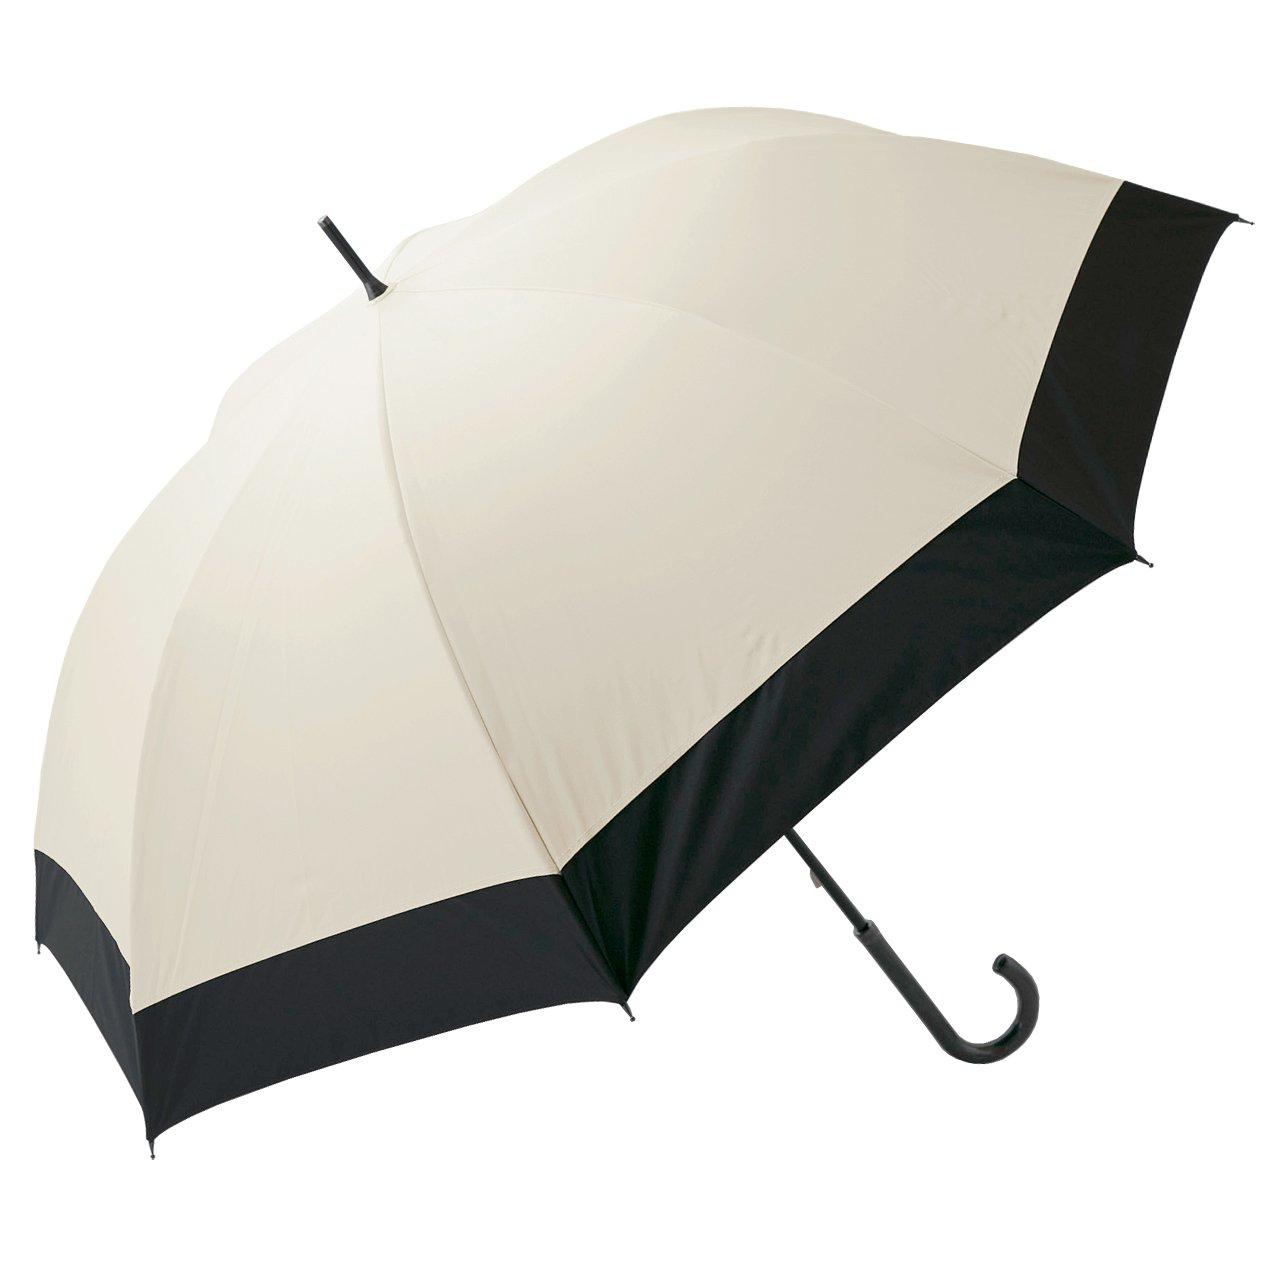 【Rose Blanc】100%完全遮光 日傘 コンビ 男女兼用 メンズサイズ 65cm (ベージュ×ブラック) B01F1RZ95C ベージュ×ブラック ベージュ×ブラック